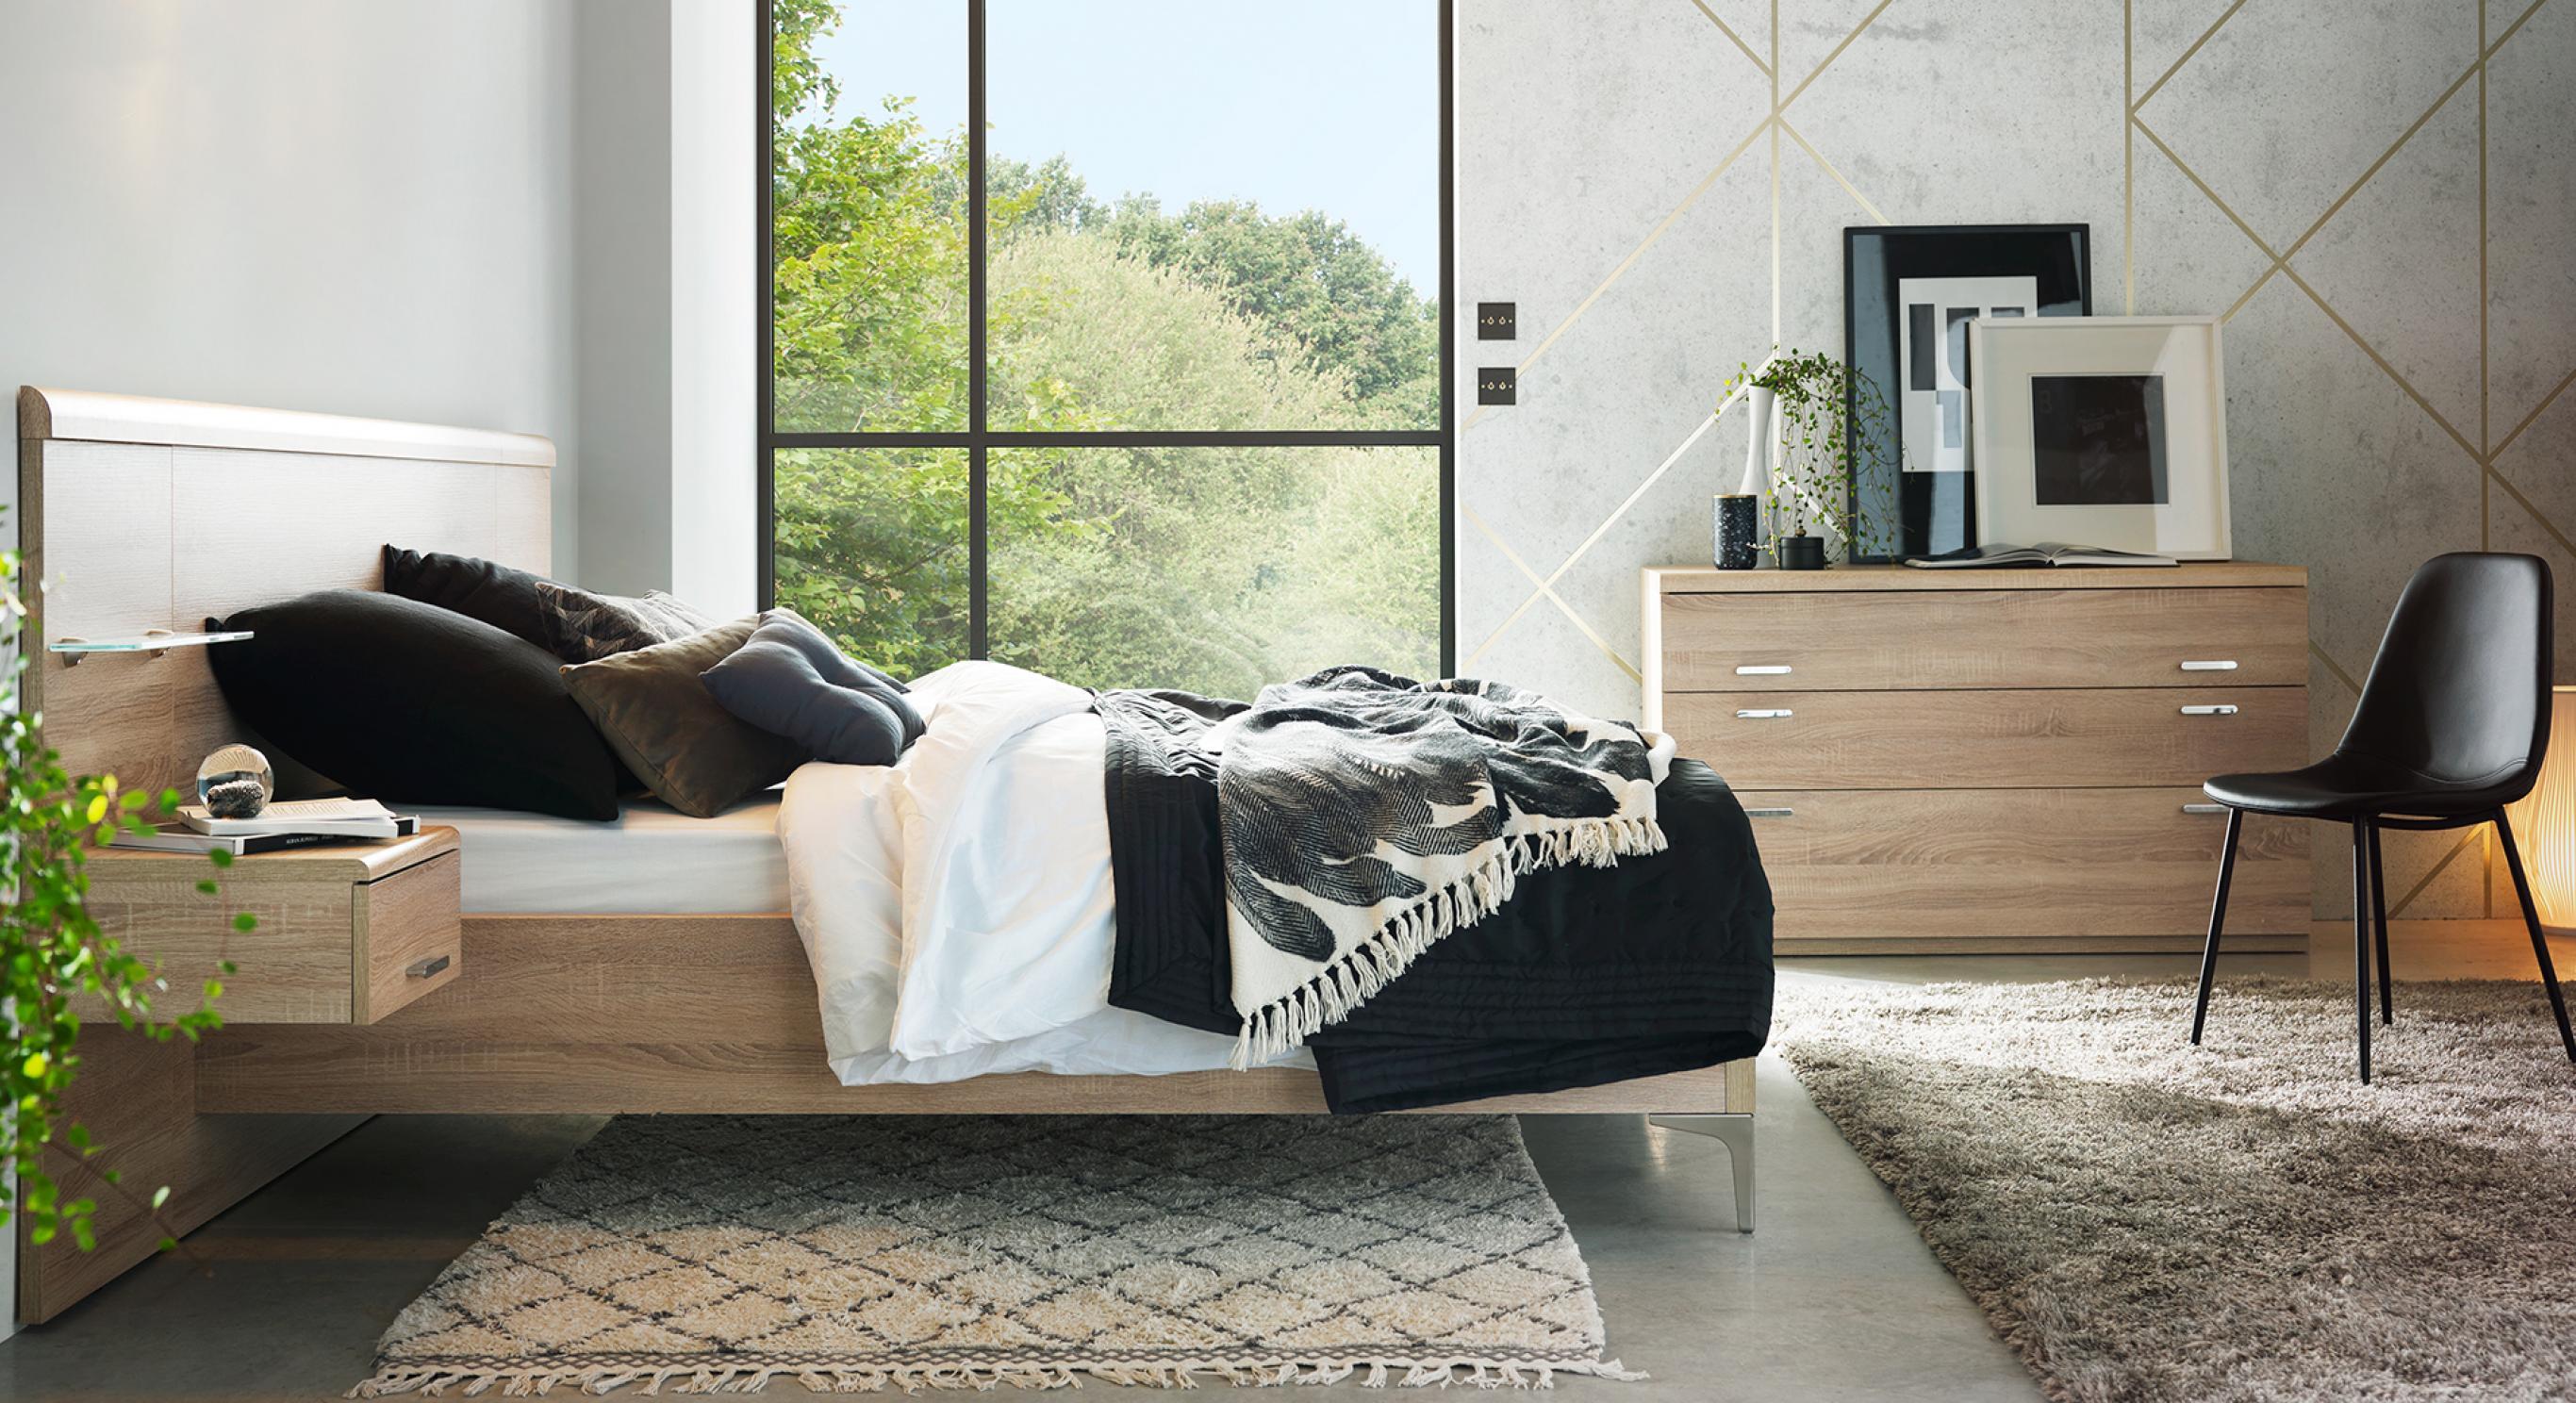 Lit Avec Rangement En Dessous collection multy, génie du rangement | meubles celio